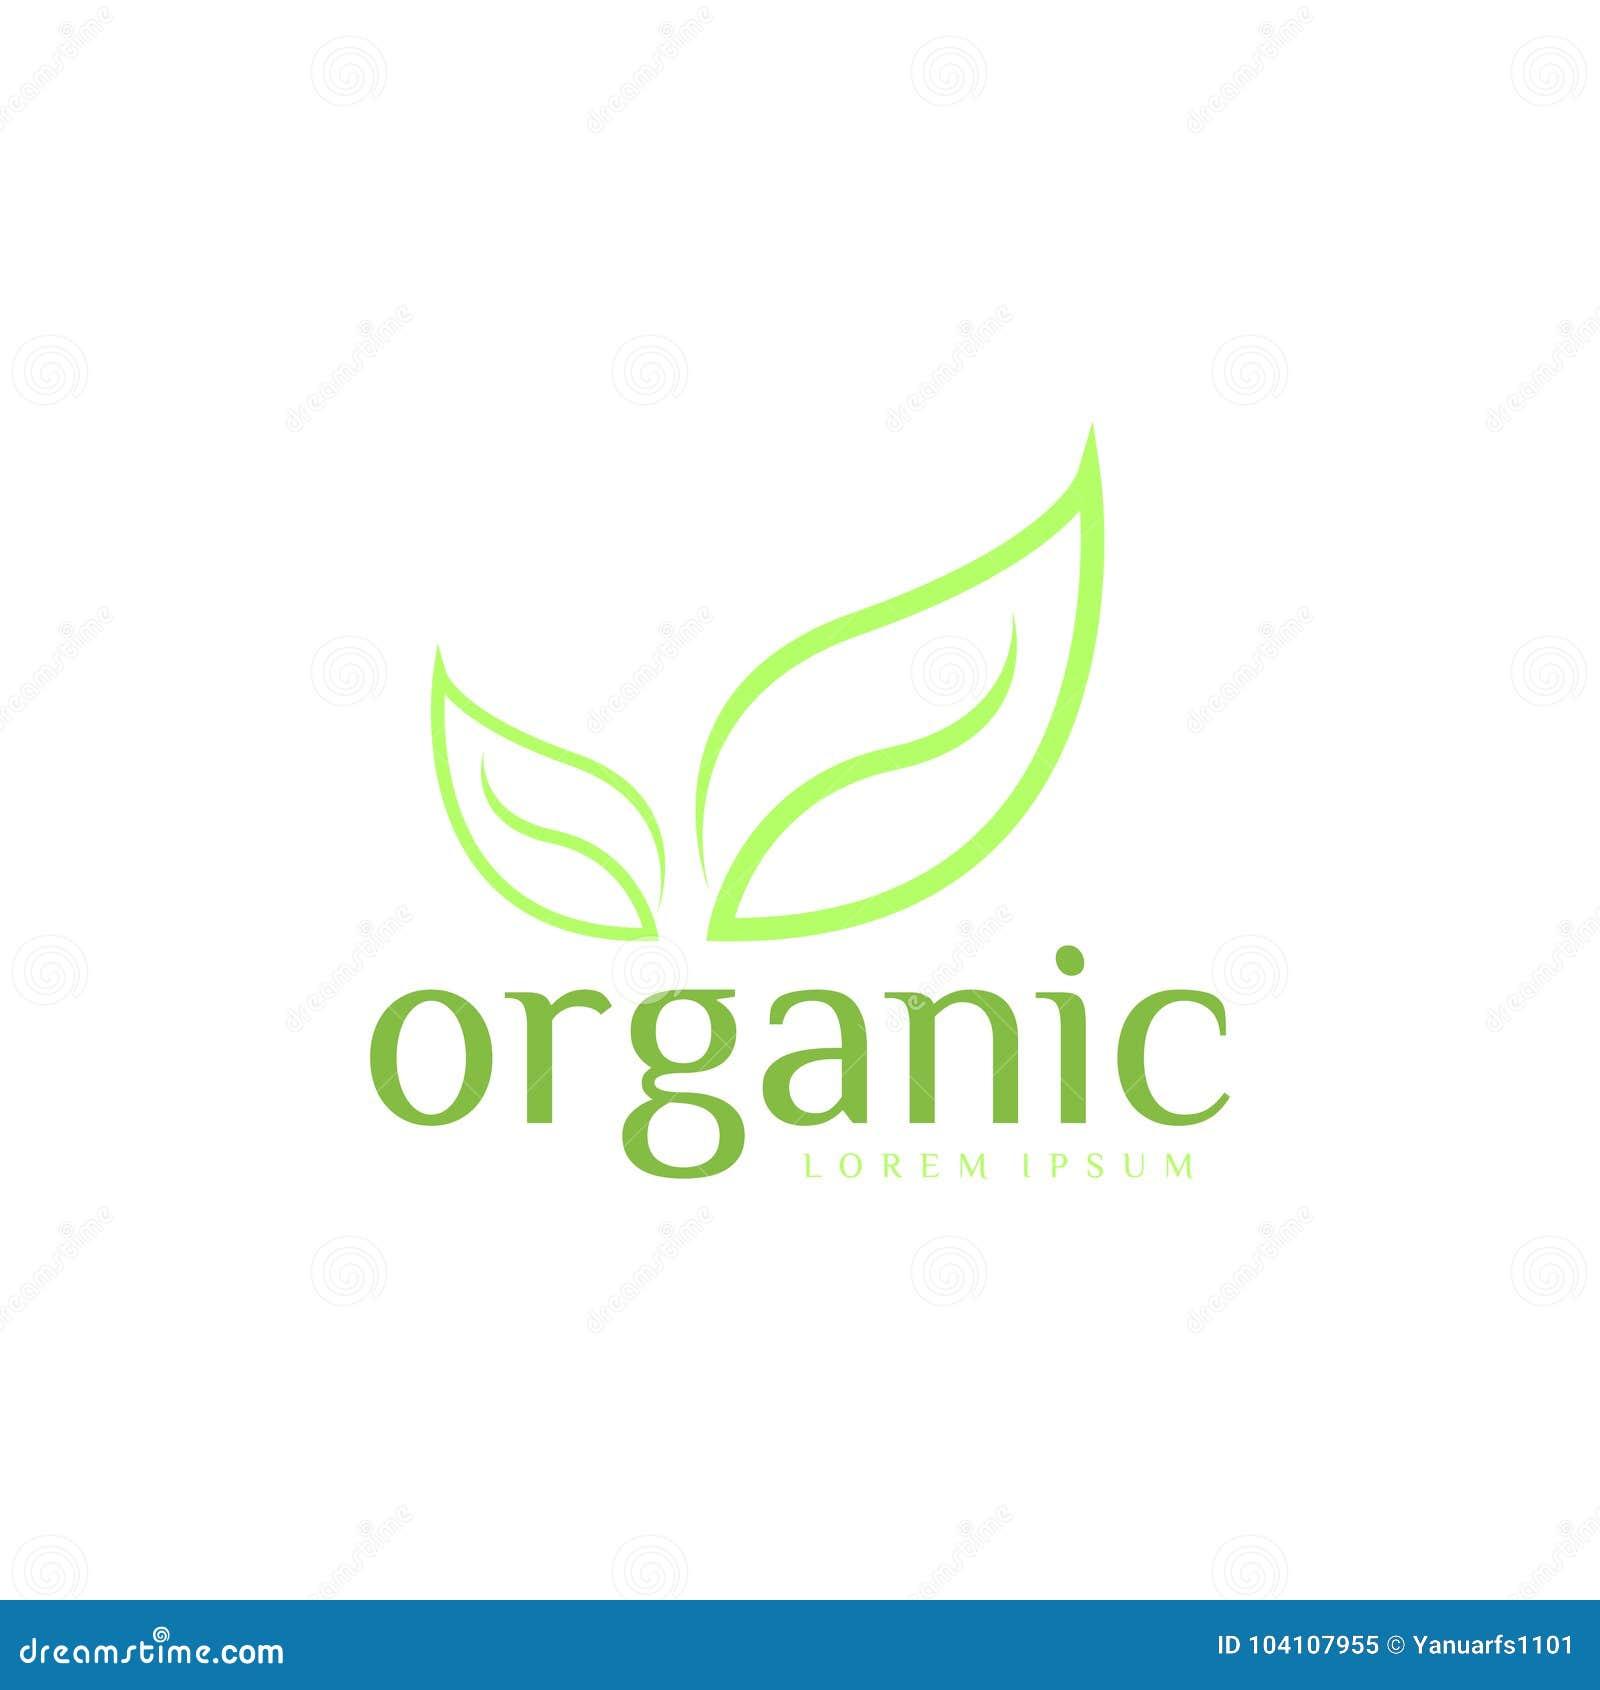 Organic Logo Vector Art. Template. Business